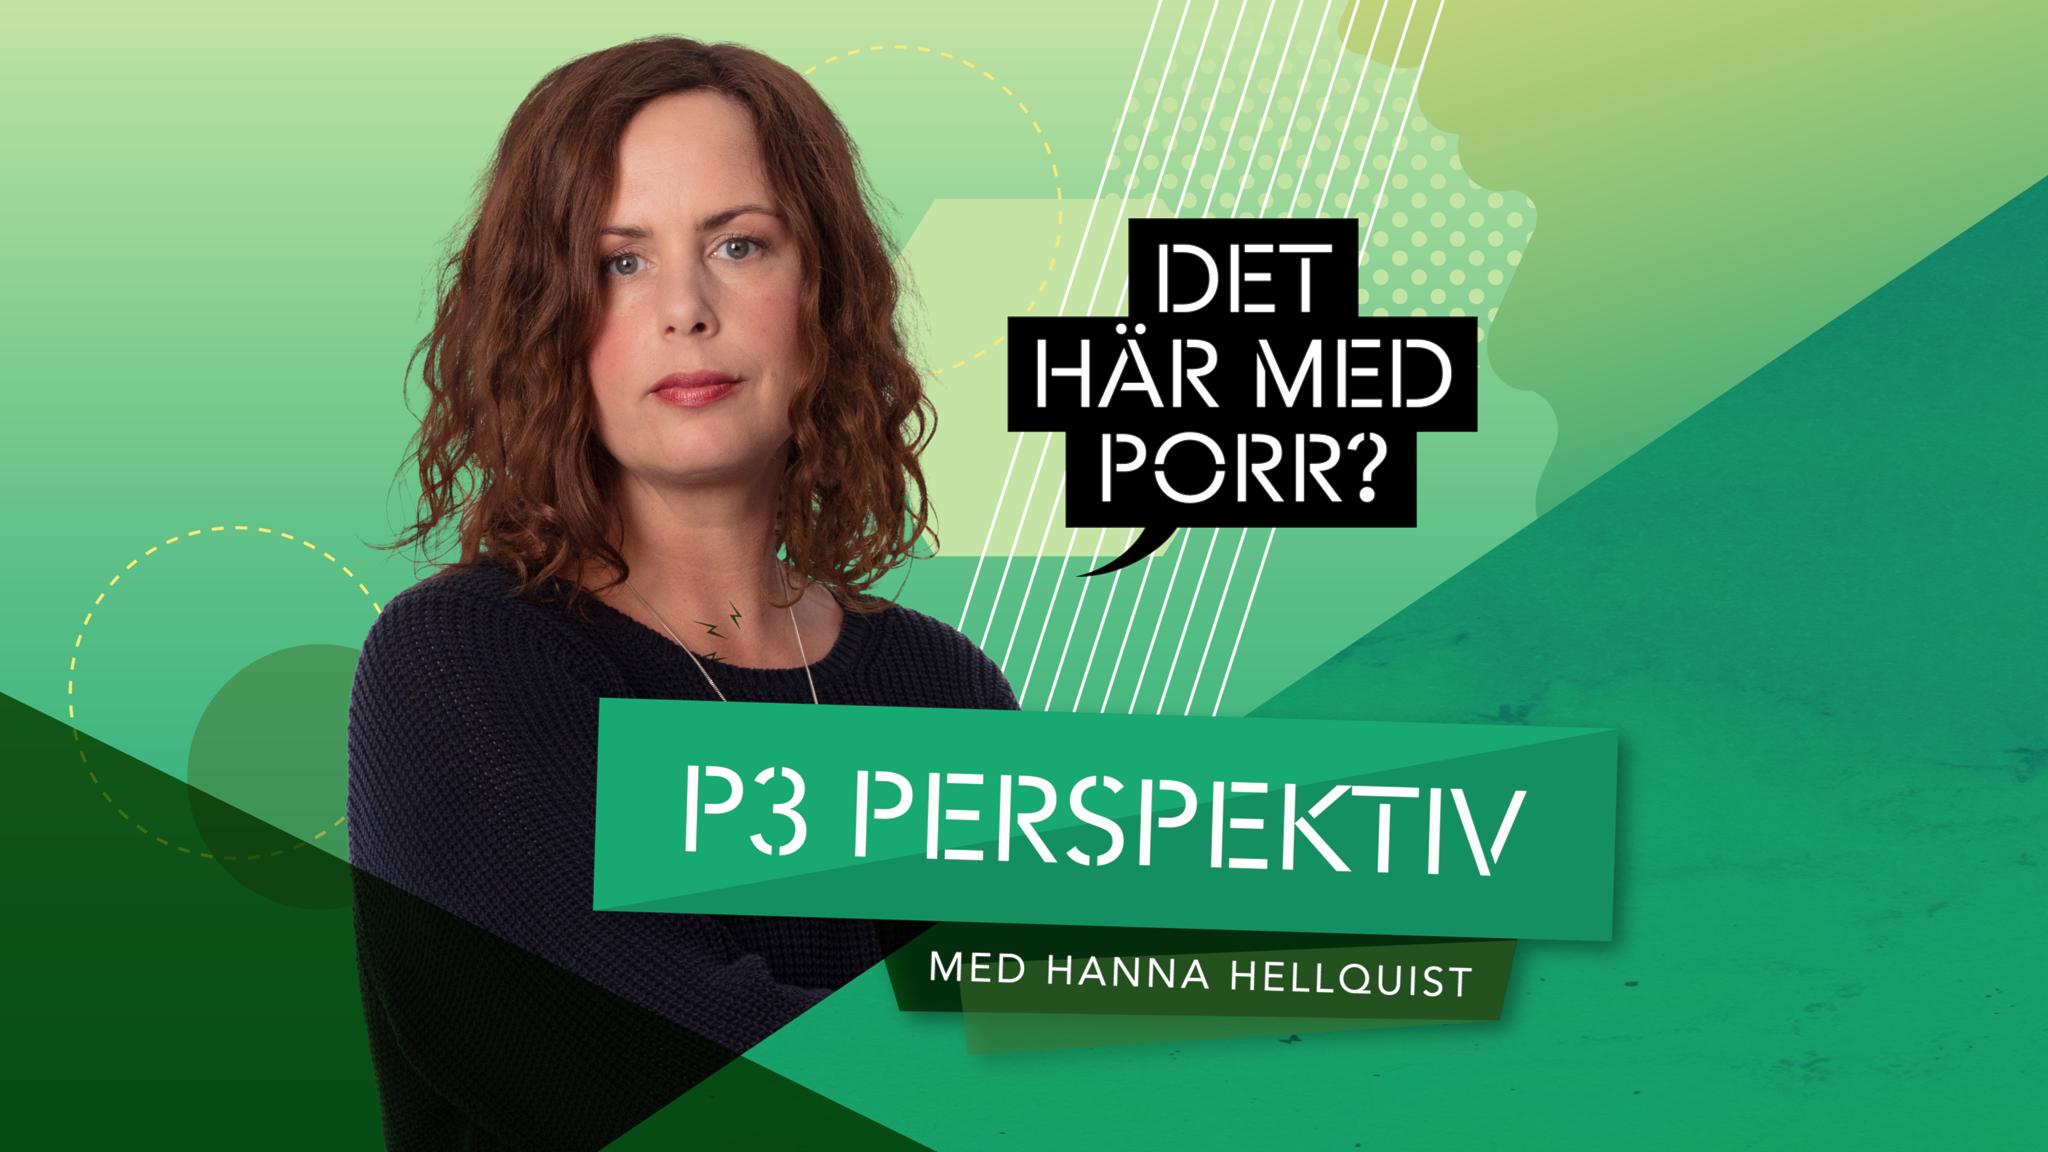 Hanna Hellquist är moderator för P3 Perspektiv om porr.